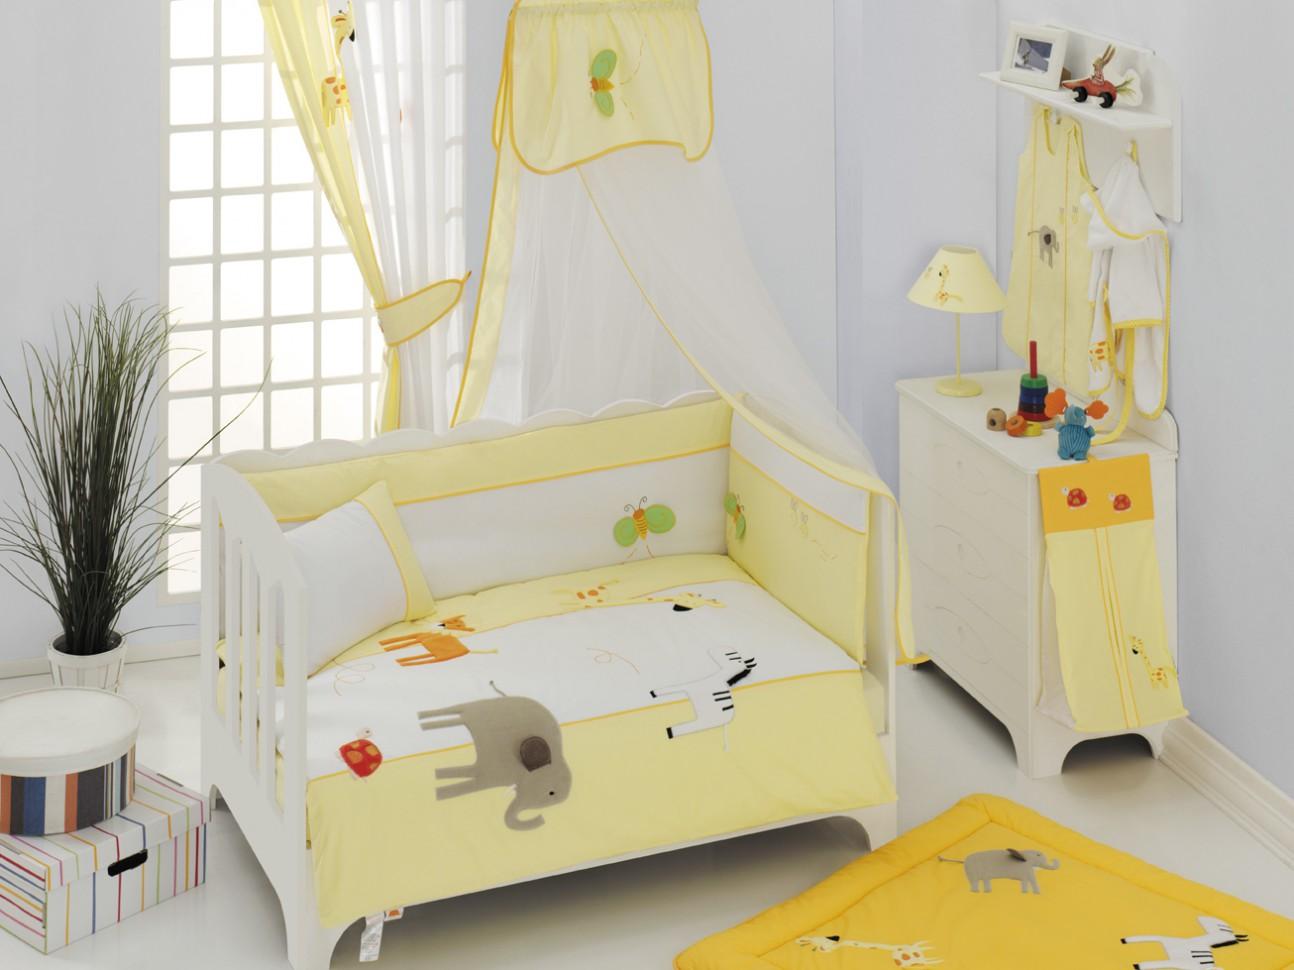 Комплект из 6 предметов  My Animals - Спальня, артикул: 171485